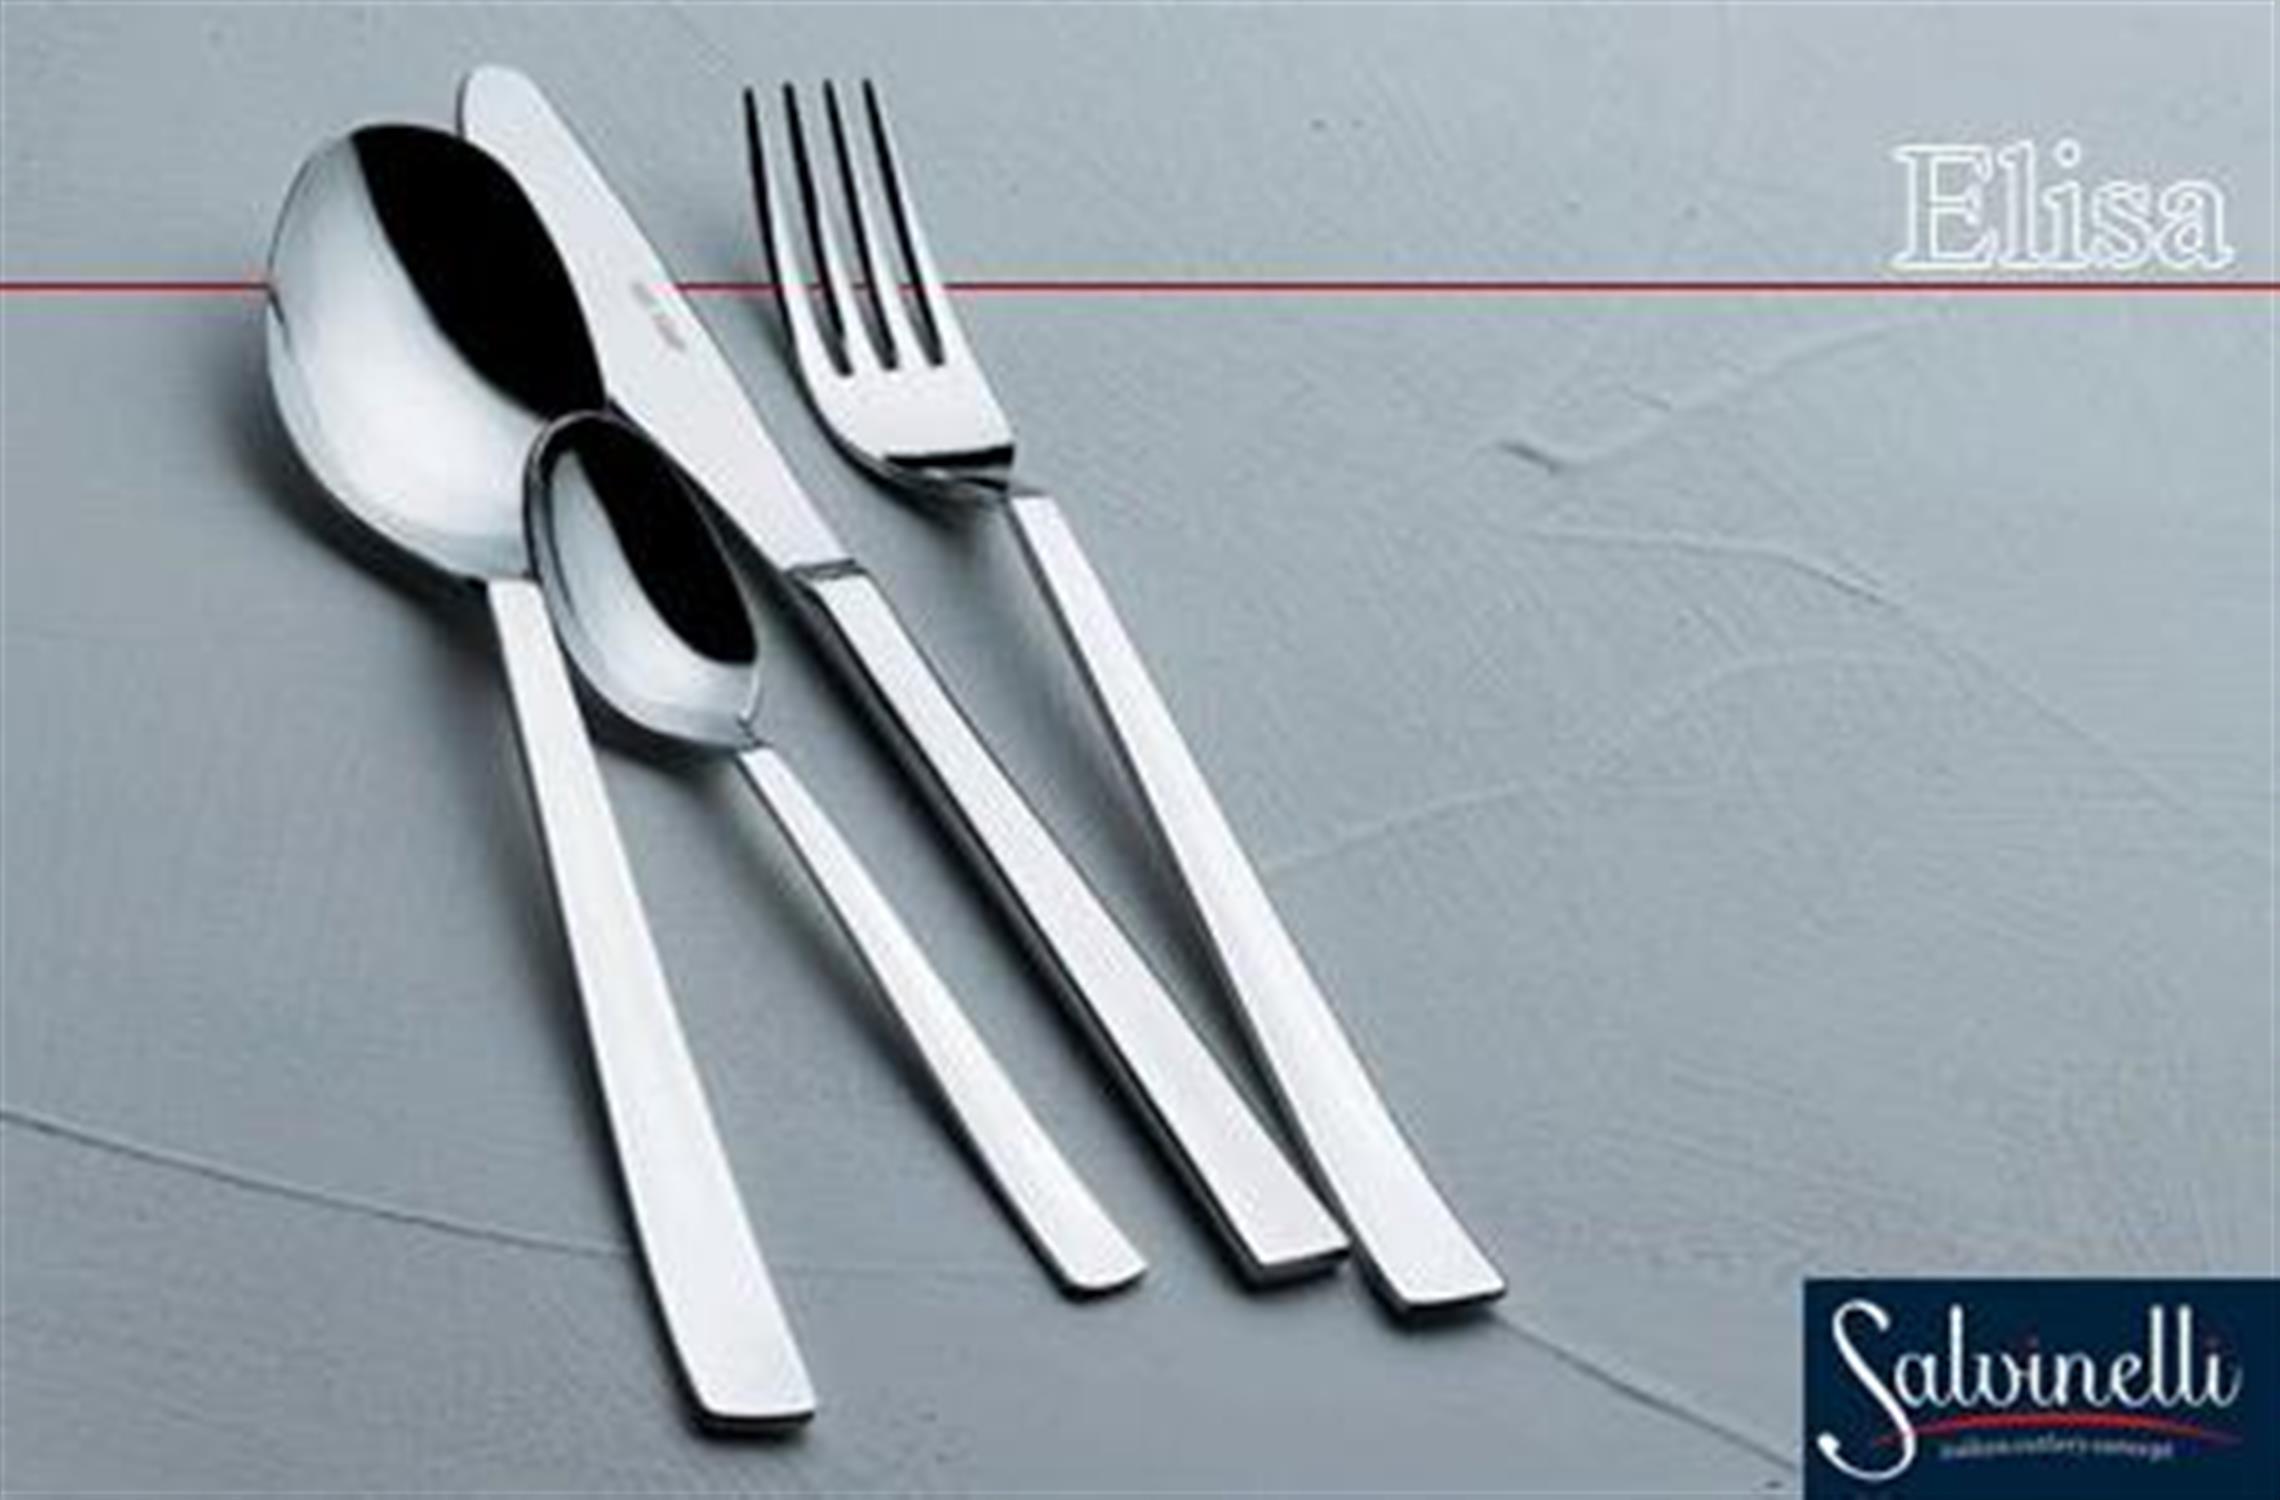 Σετ 75 μαχαιροπίρουνα ανοξείδωτα 18/10 ασημί Salvinelli Elisa